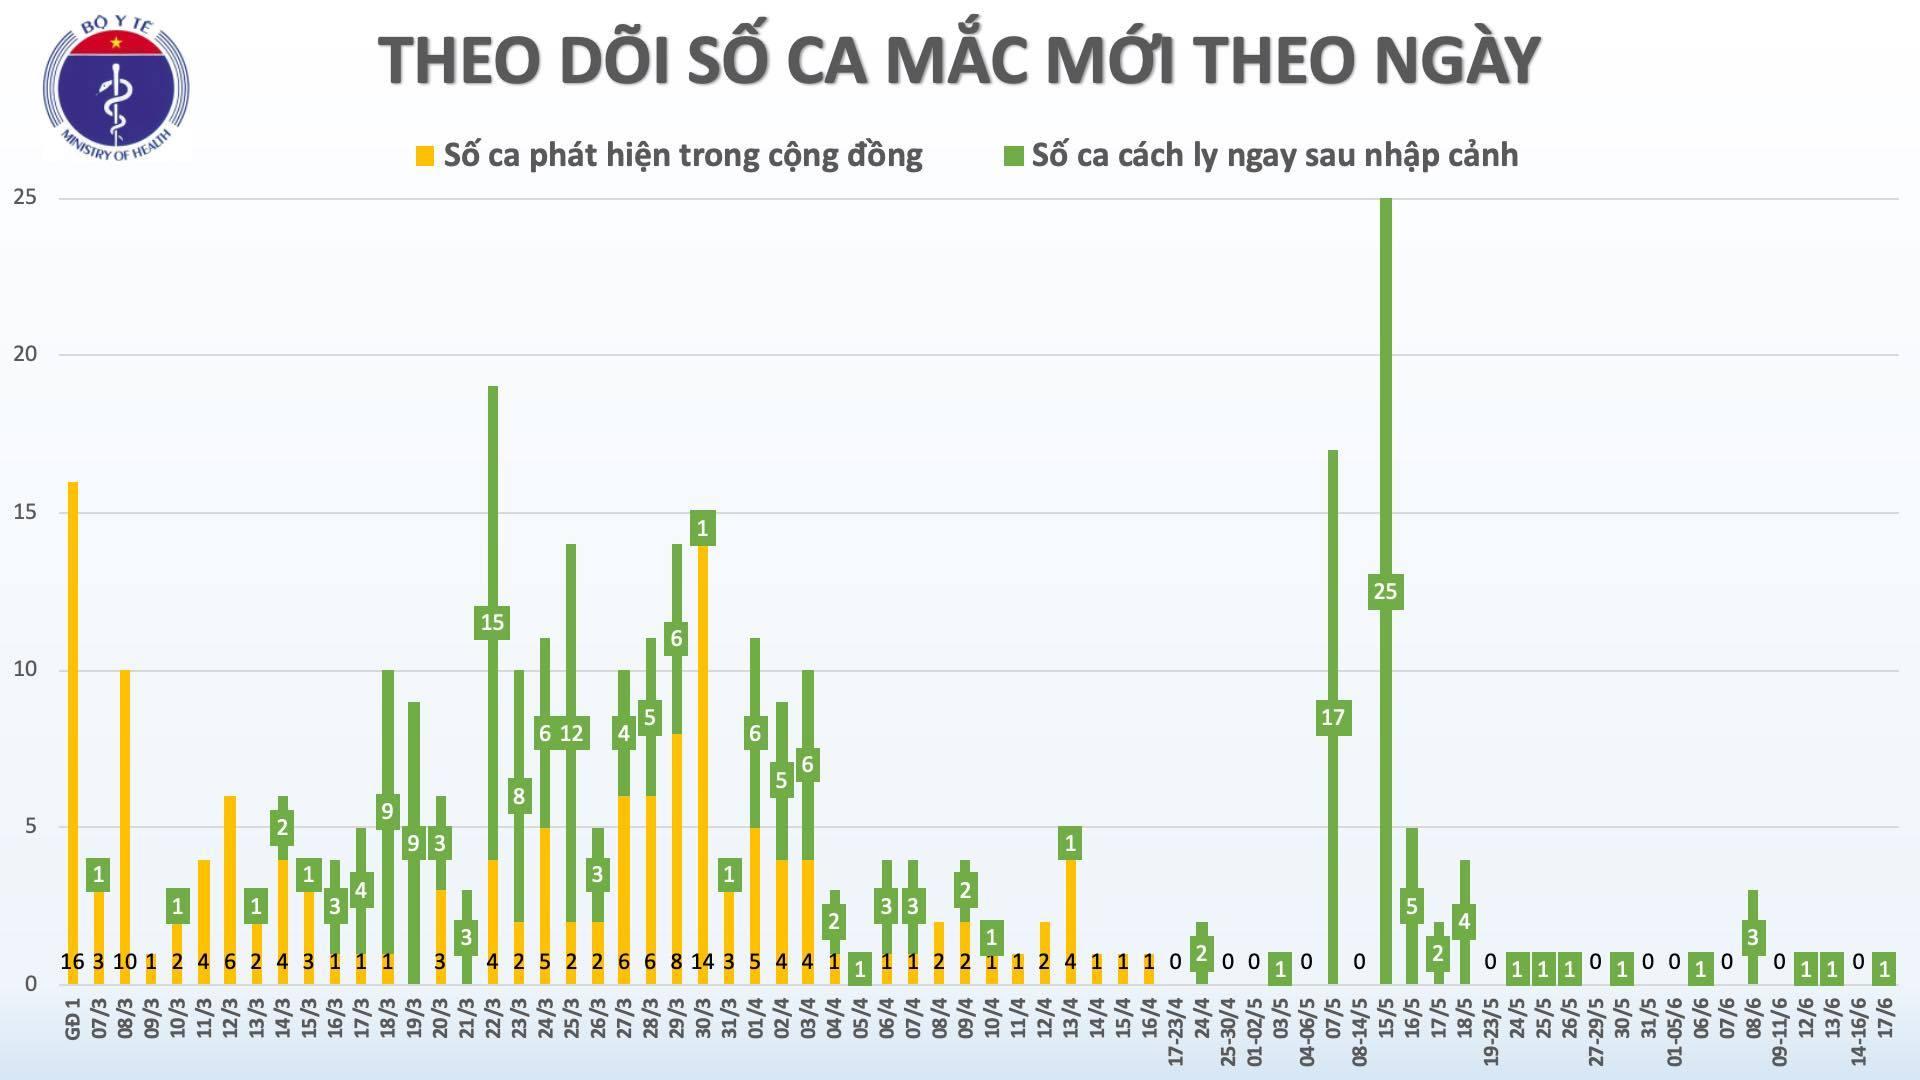 Việt Nam ghi nhận thêm 1 ca Covid-19 mới